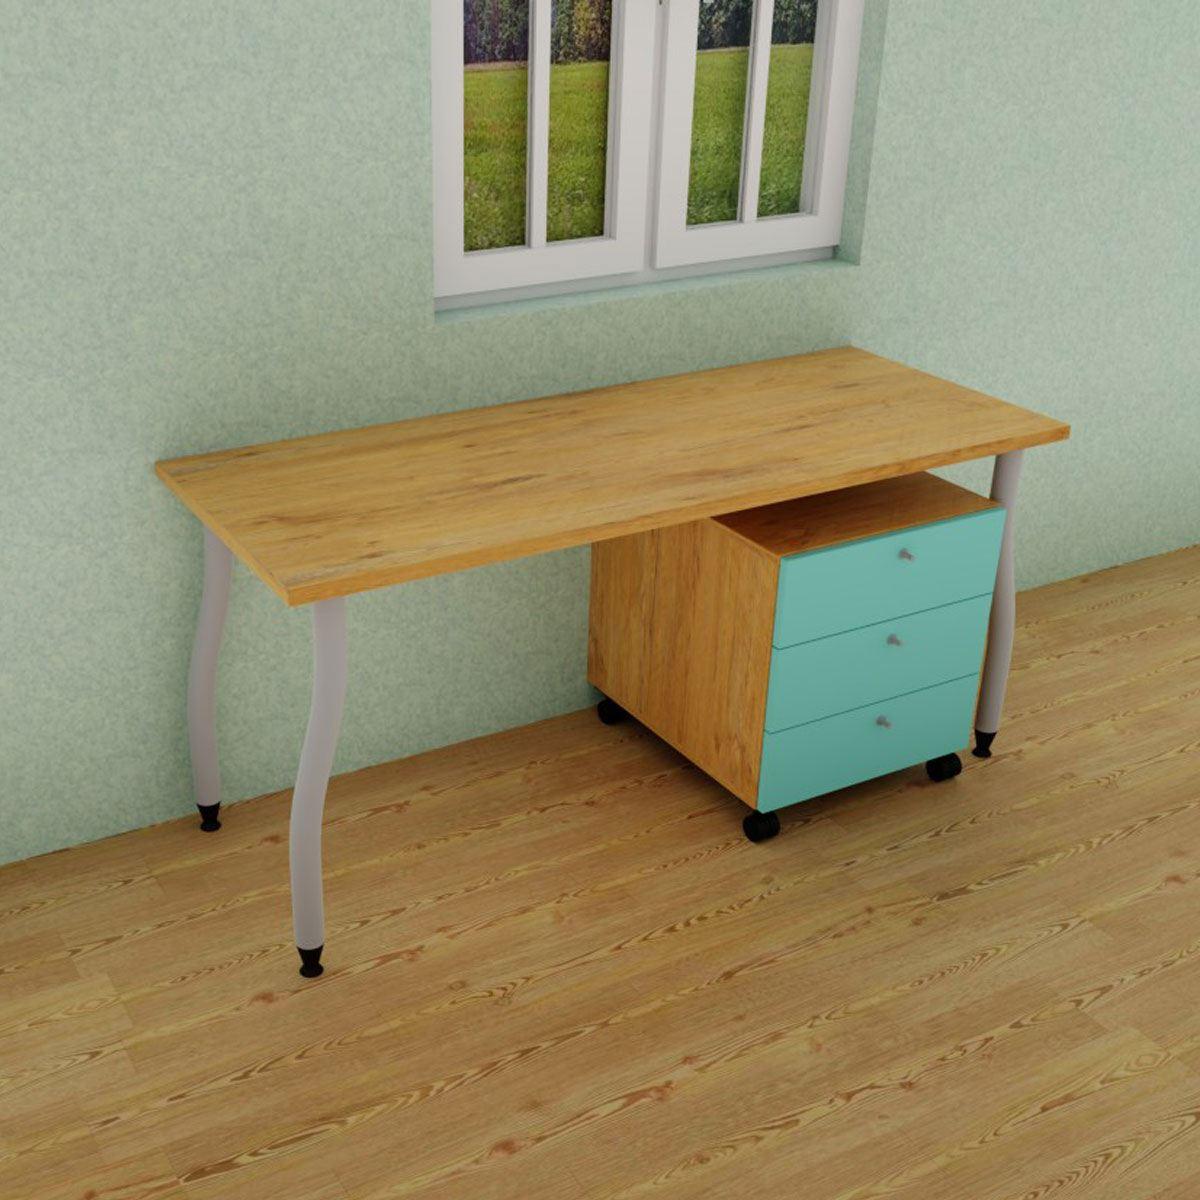 fiftytwo rudolf m bel schreibtisch online guenstig kaufen bei. Black Bedroom Furniture Sets. Home Design Ideas